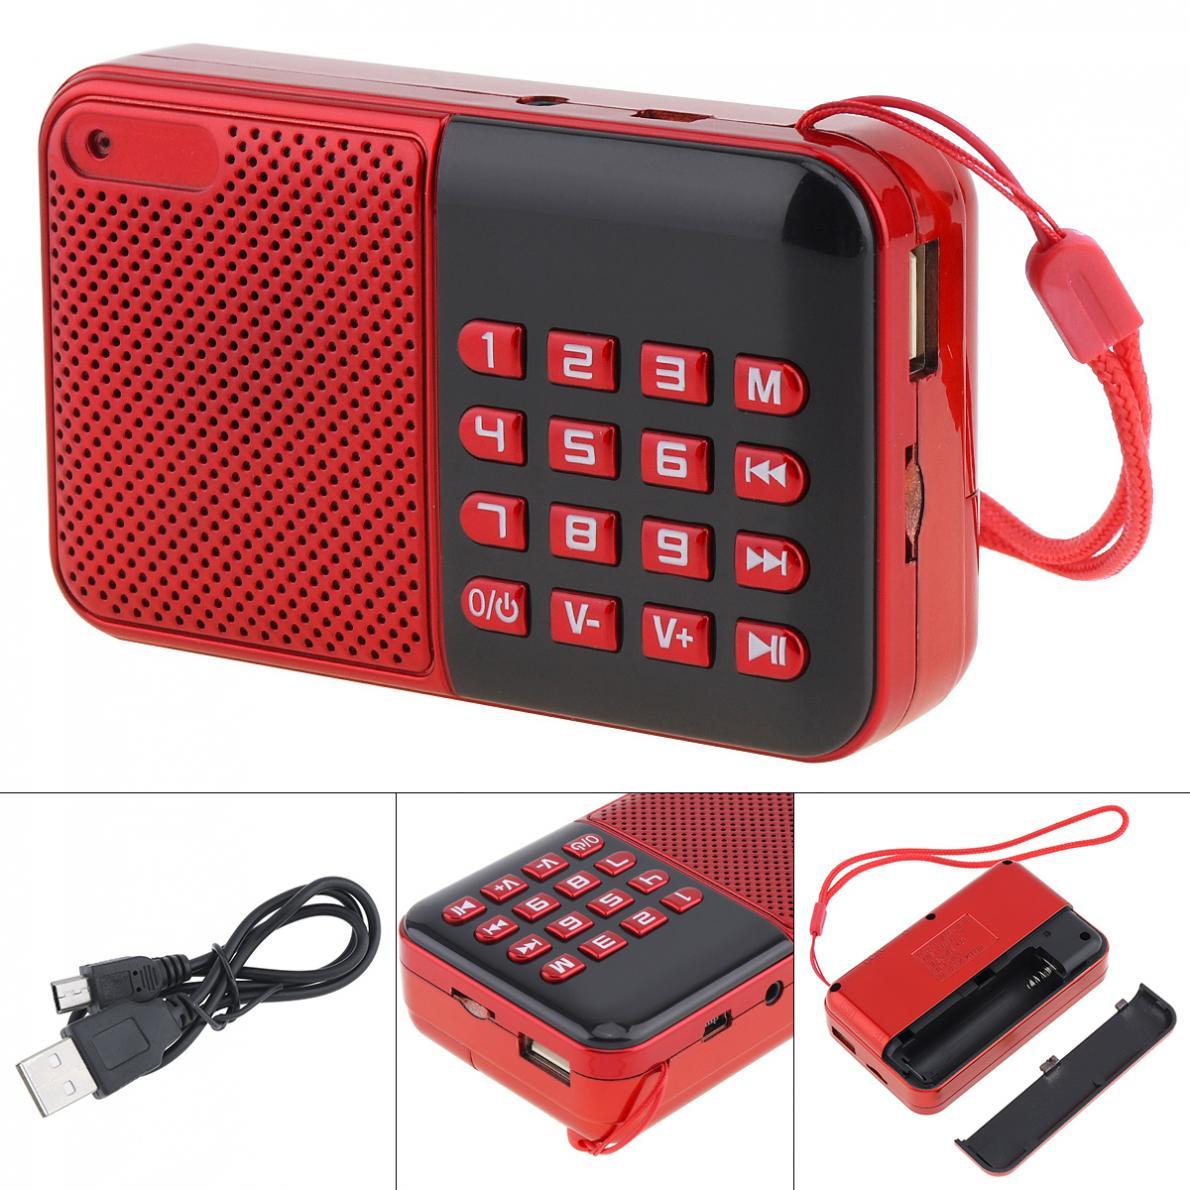 Tragbares Audio & Video Radio Billiger Preis E16 Tragbare Mp3 Player Mini Audio Karte Lautsprecher Fm Radio Mit 3,5mm Kopfhörer Jack Für Home/outdoor